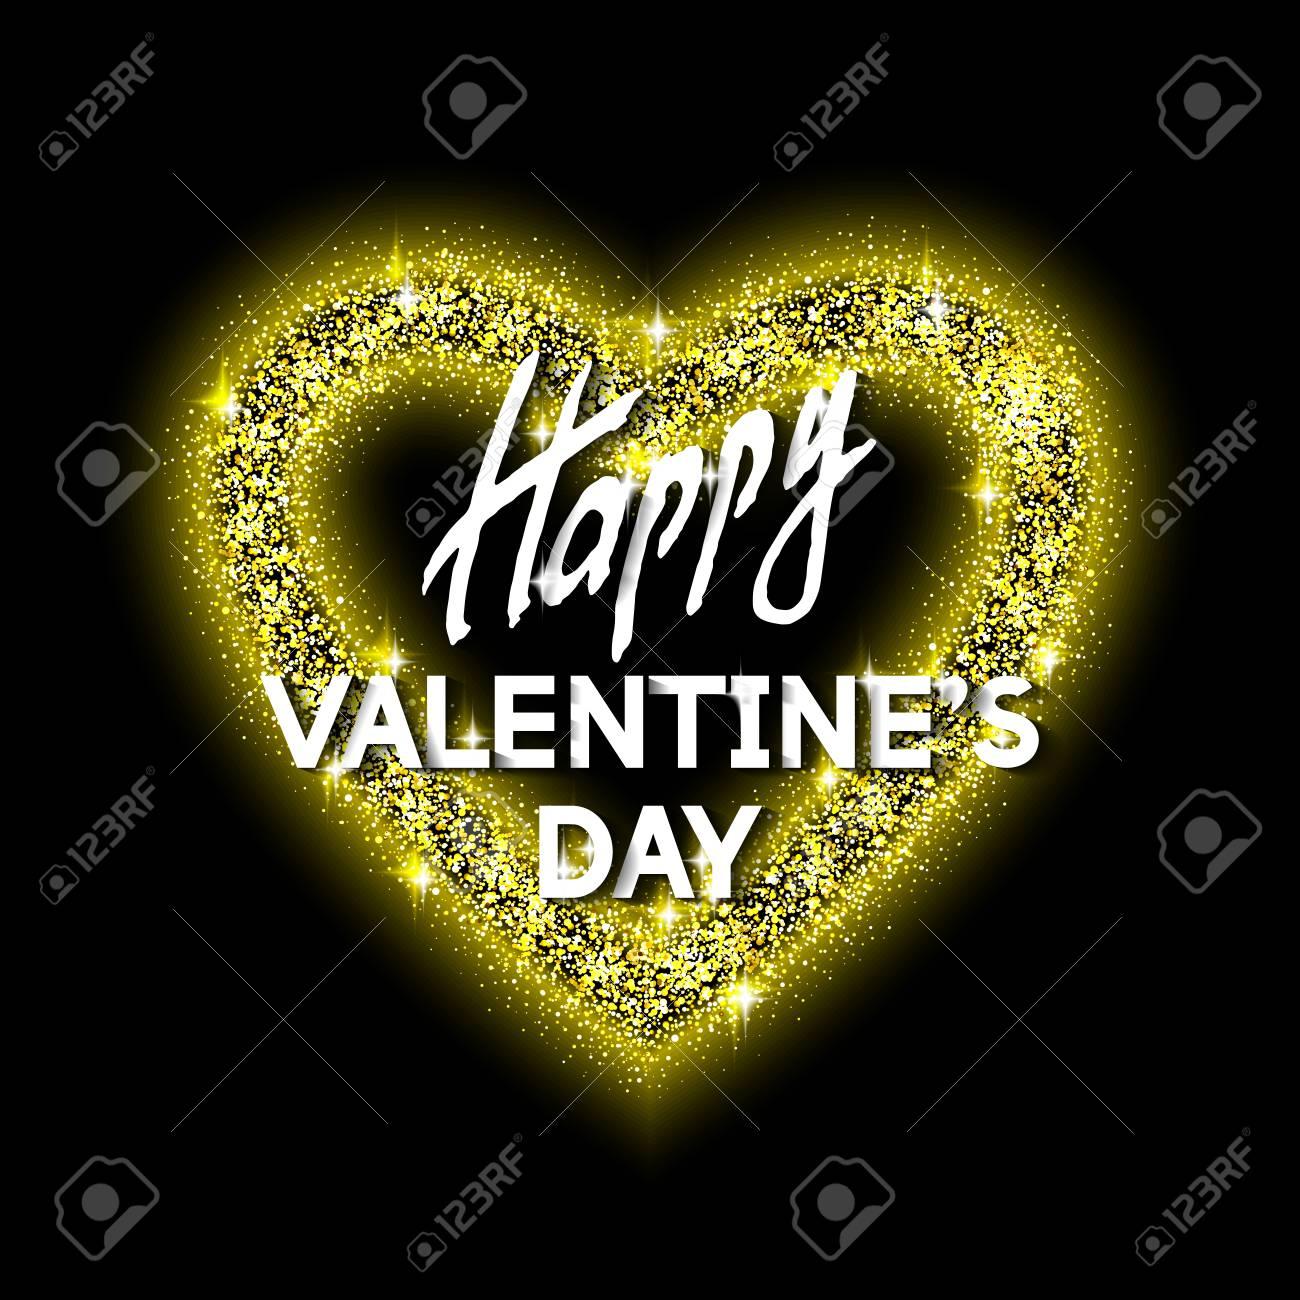 Happy Valentine\'s Day Unusual Golden Glittering Congratulation ...